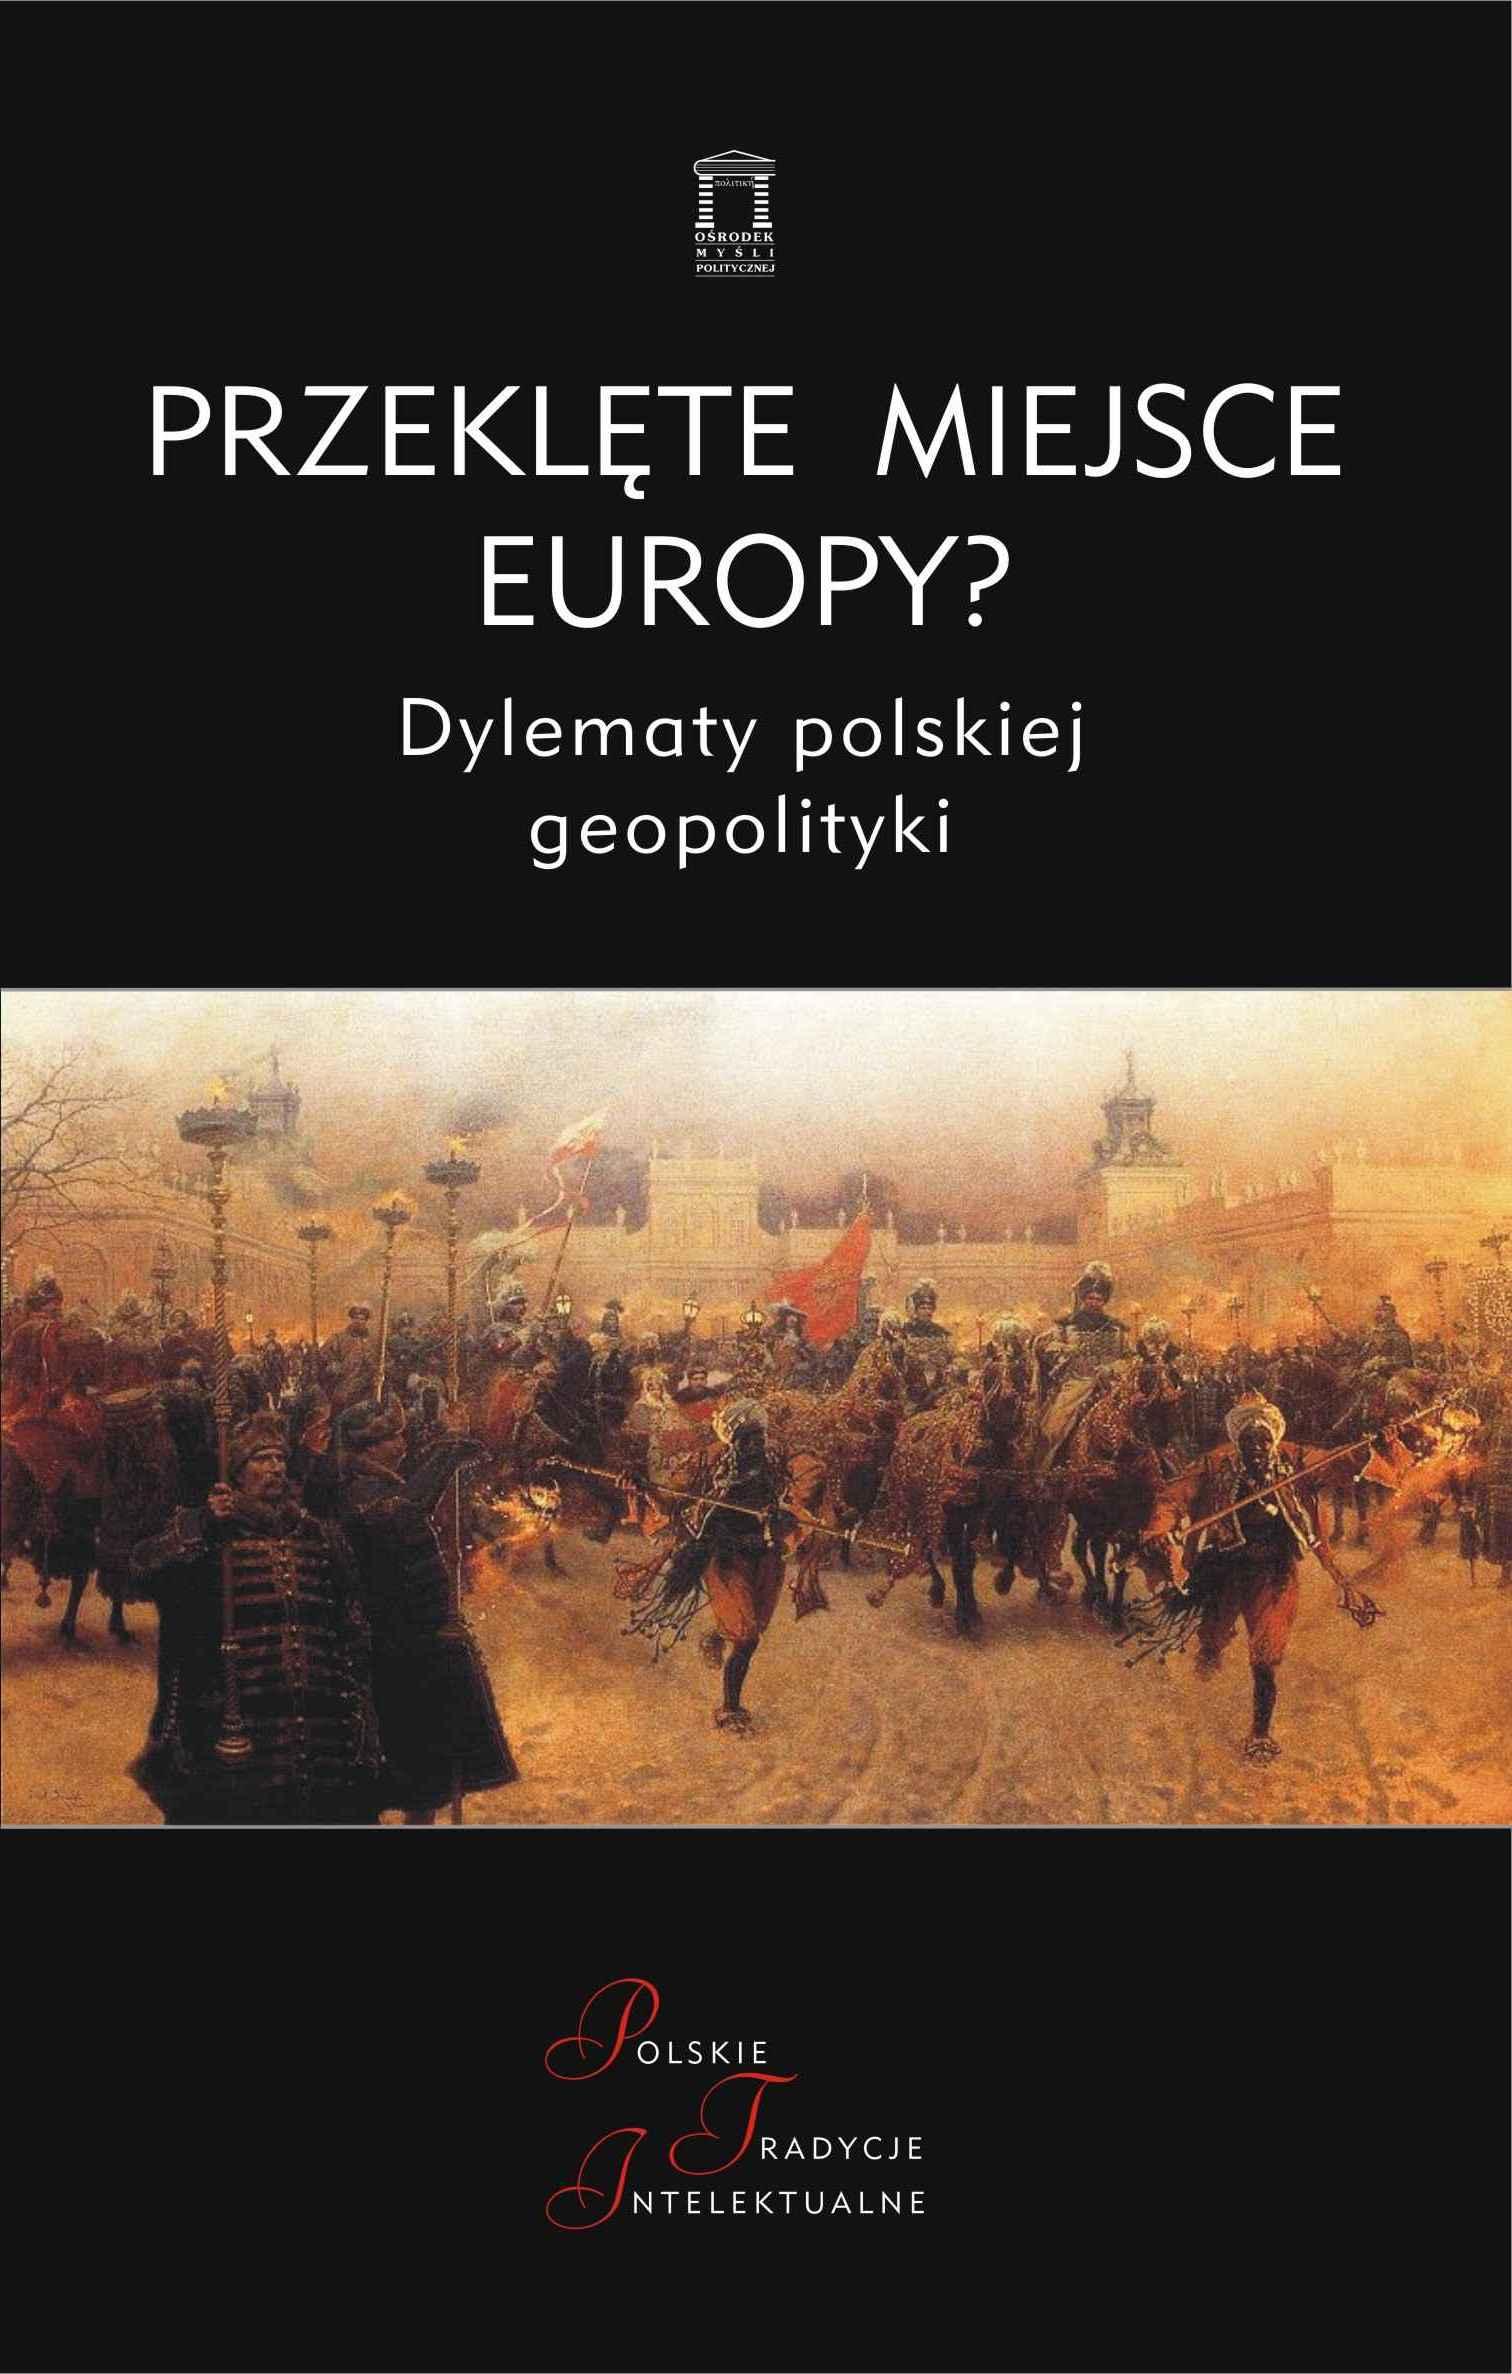 Przeklęte miejsce Europy? Dylematy polskiej geopolityki